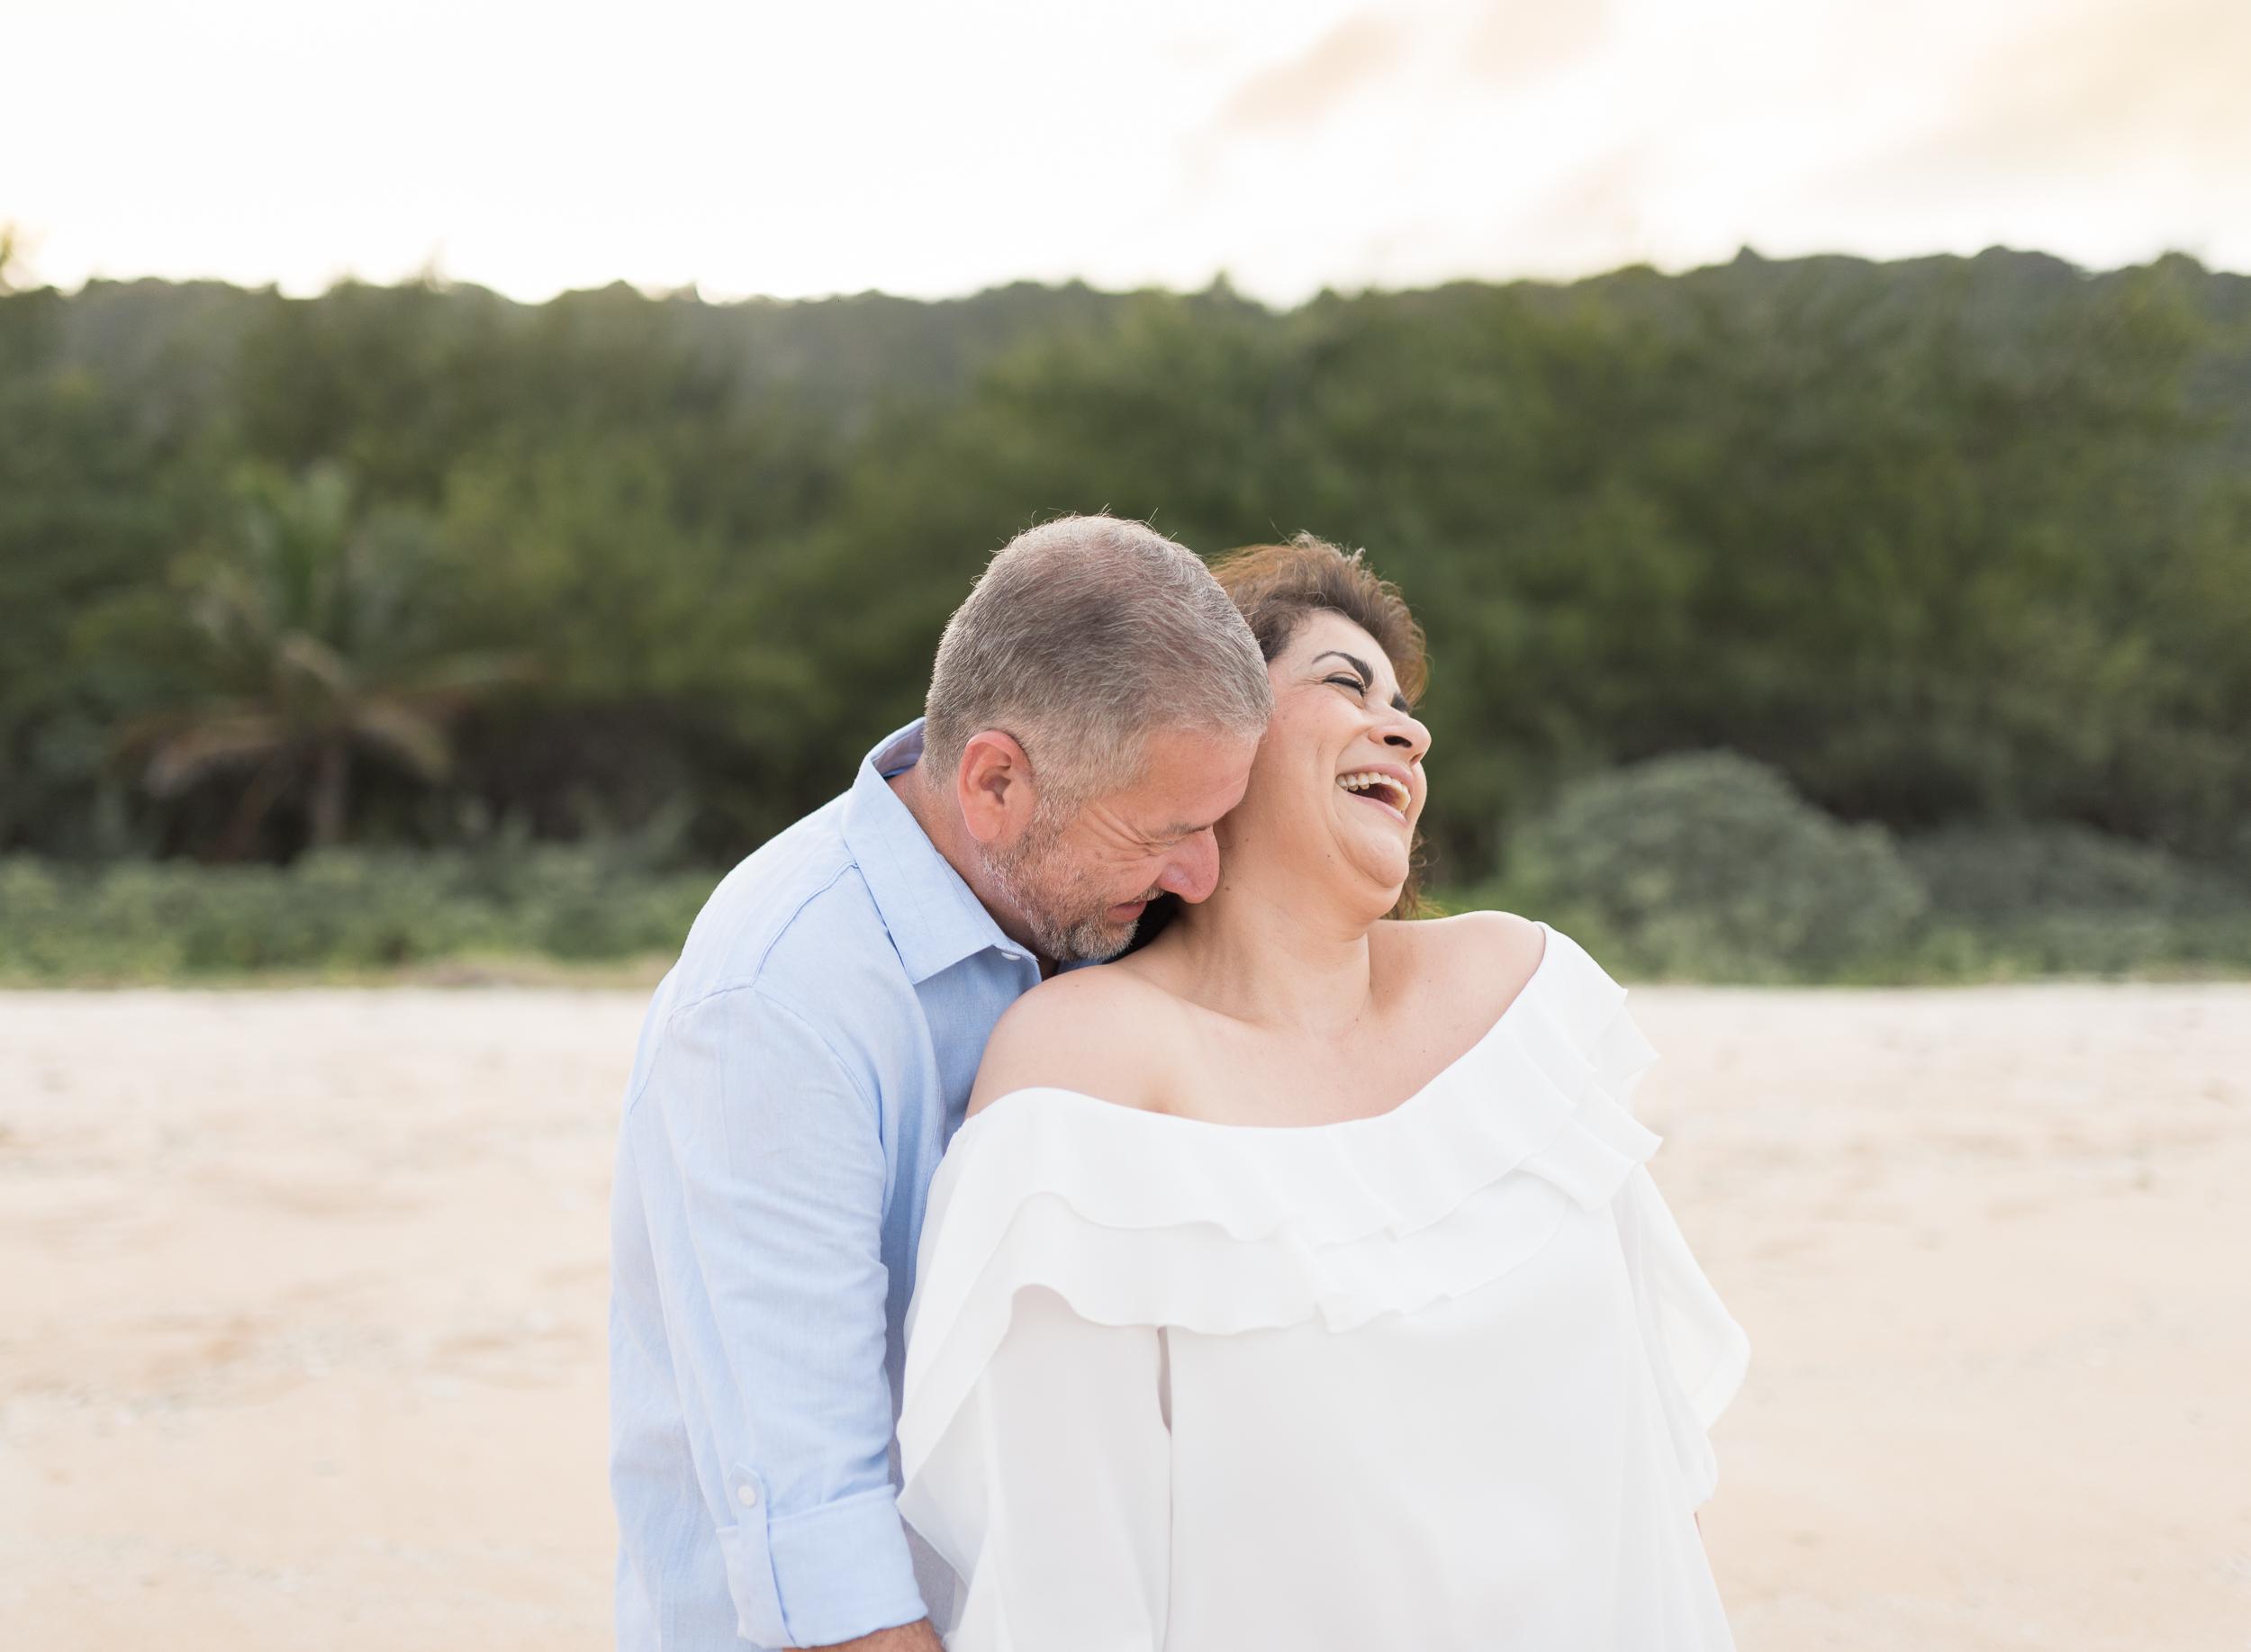 CouplesSessionTaragueGuamPhotographer-ROXANNEAUGUSTA-10.jpg